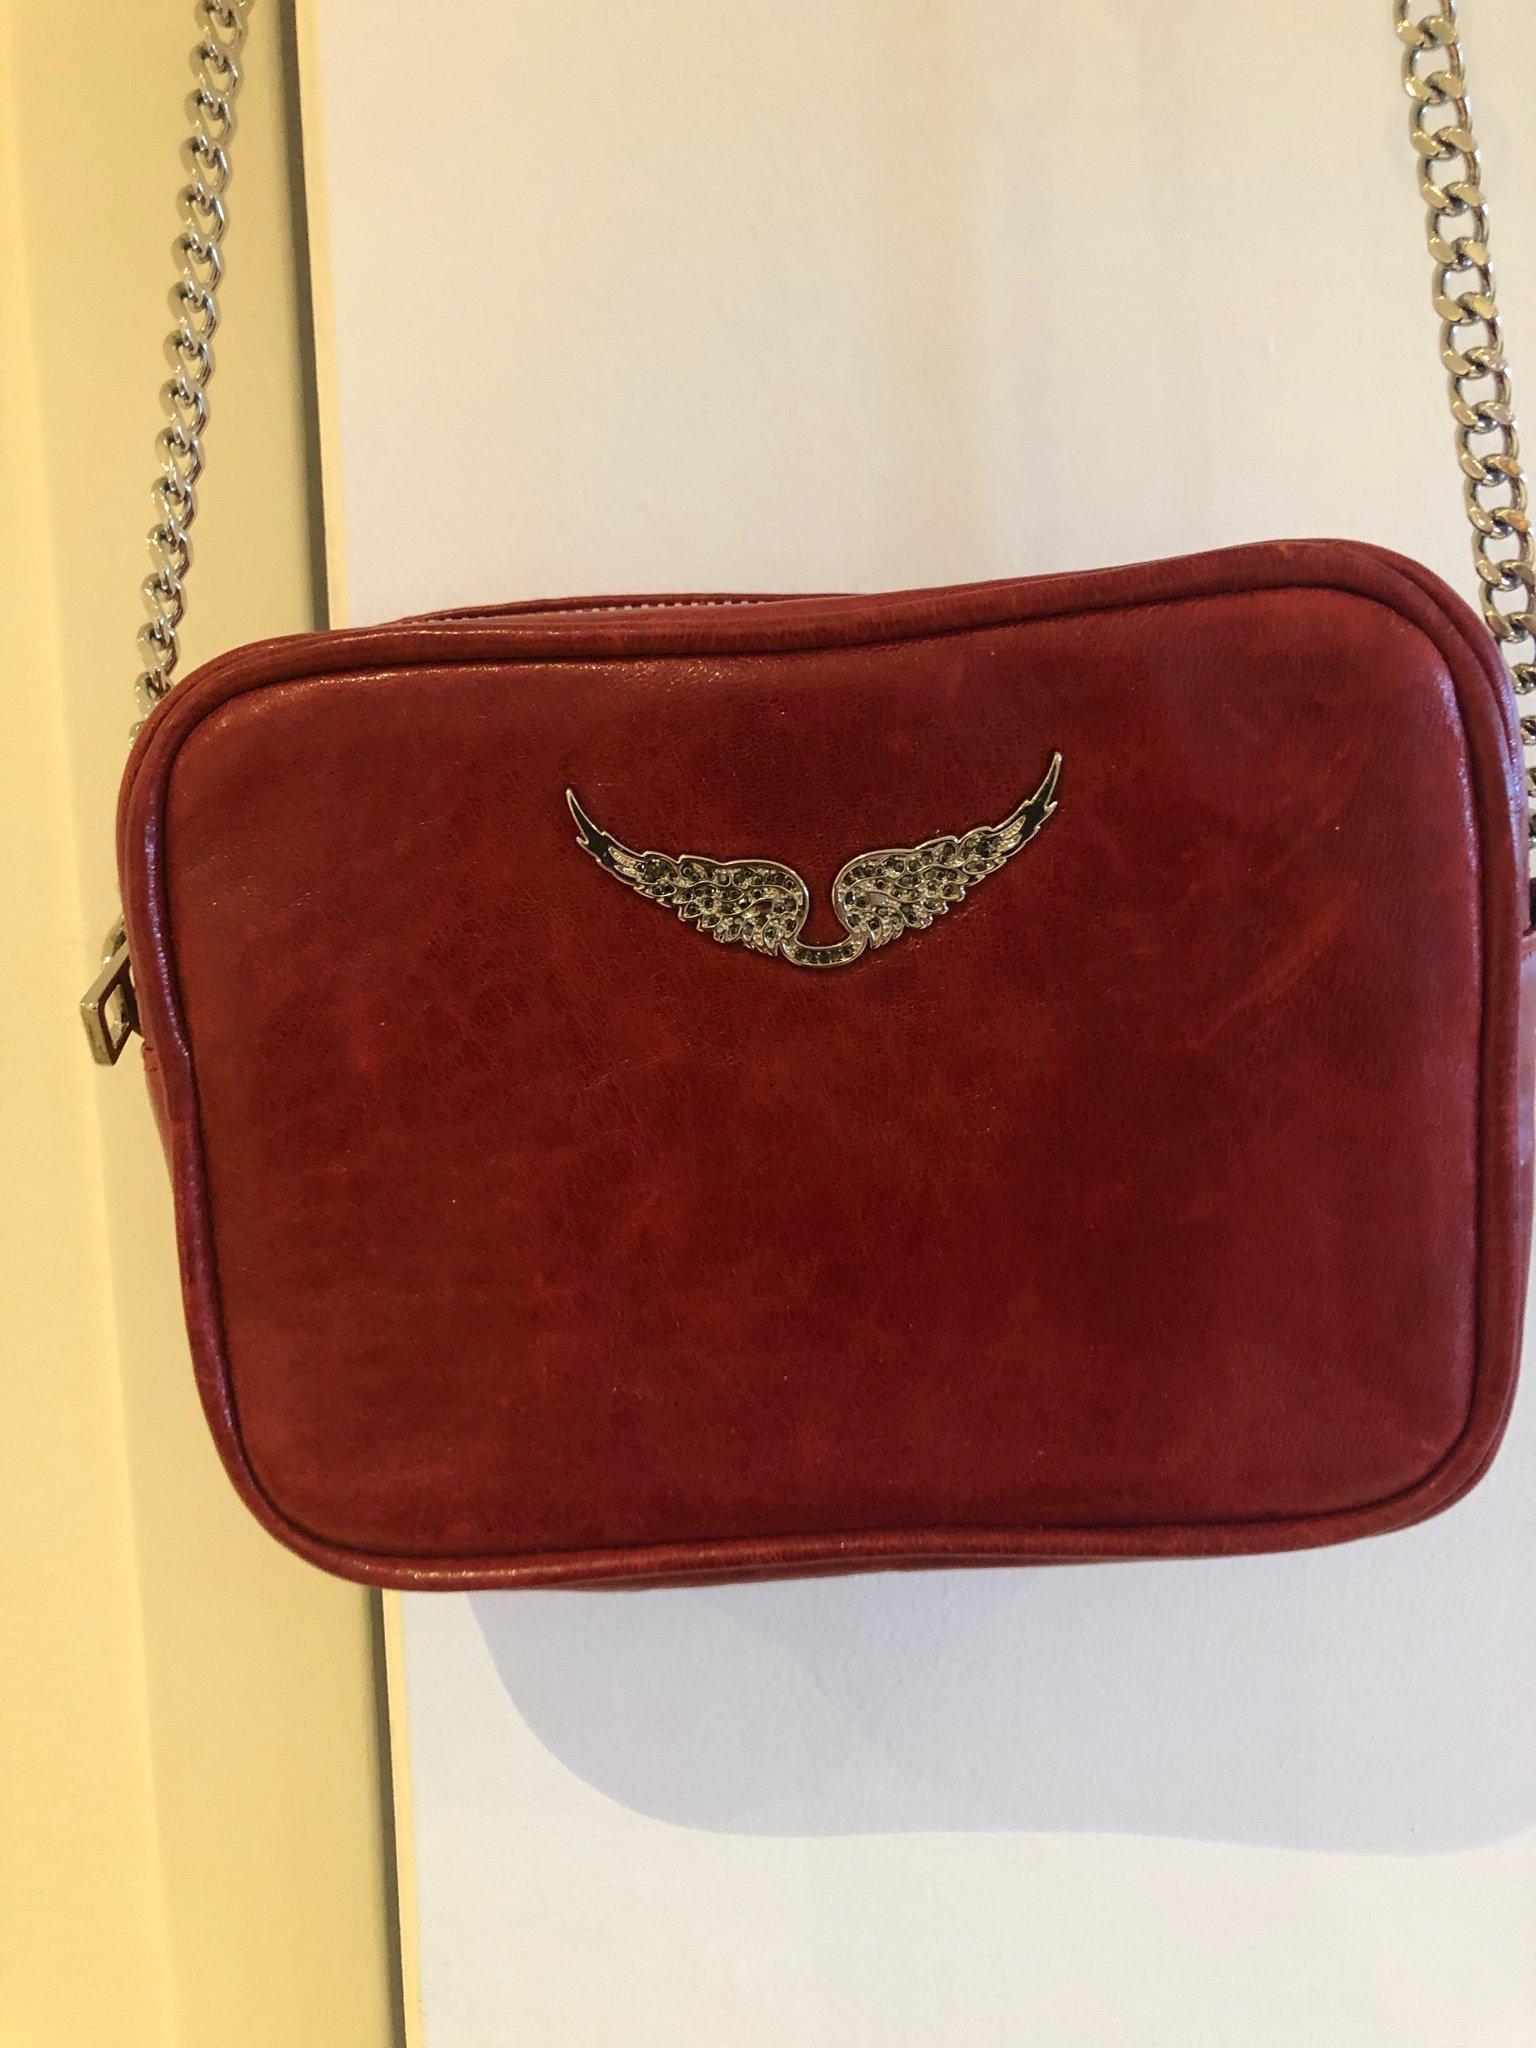 Zadig & Voltaire väska, röd, som ny!